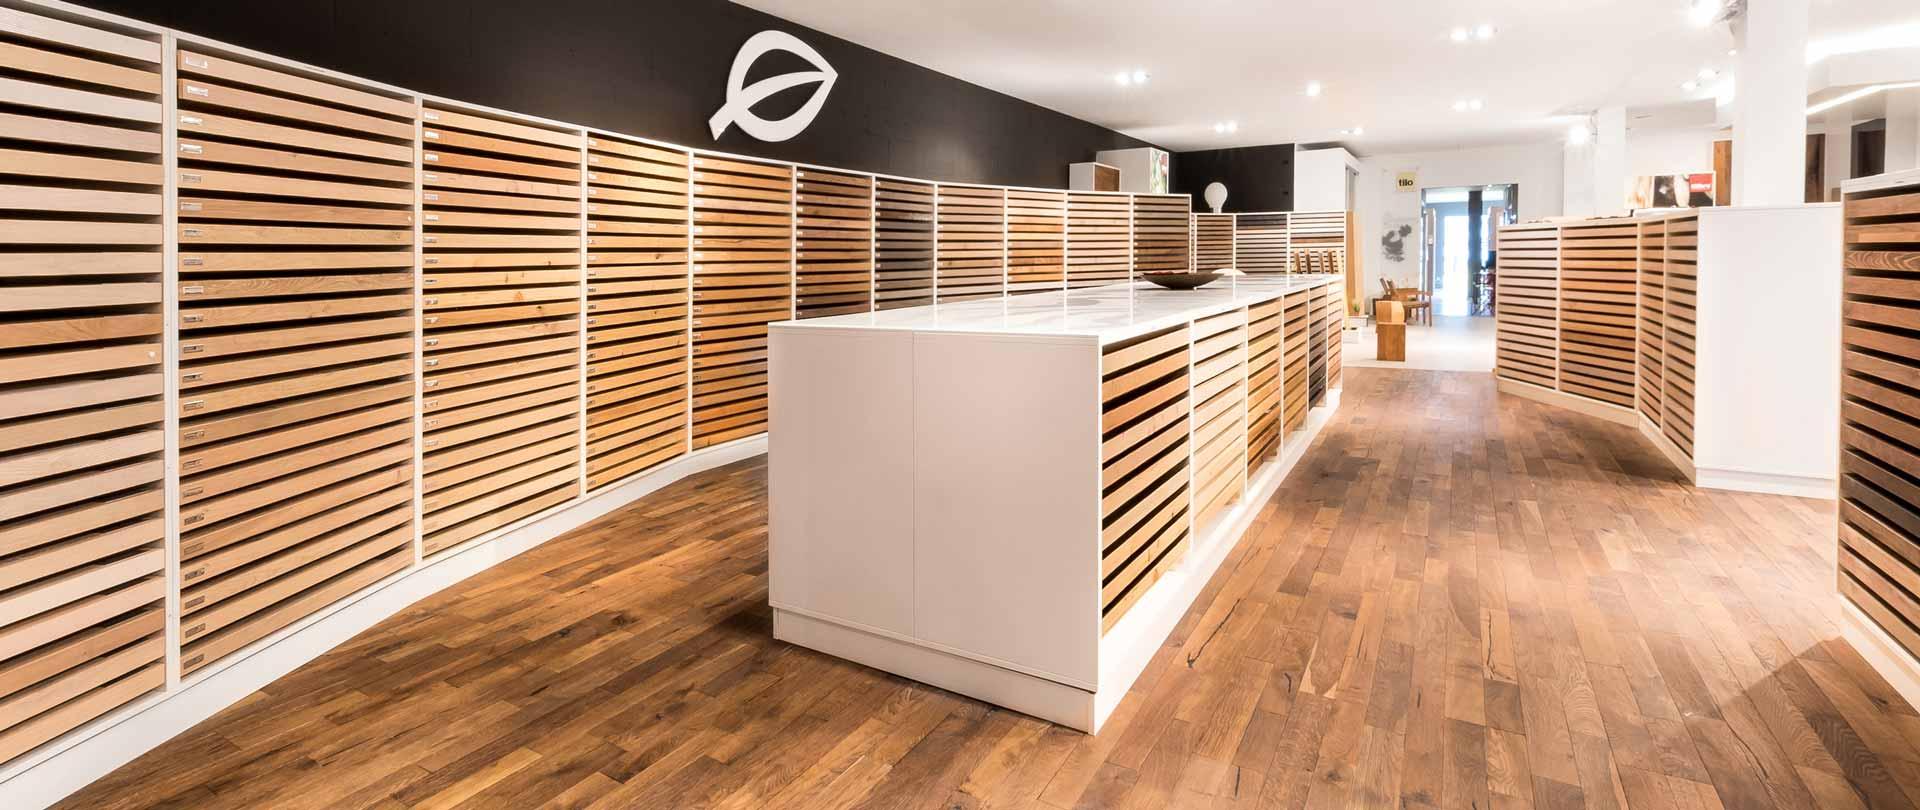 Ausstellung marx Holzhandel Neuried bei Offenburg und Straßburg